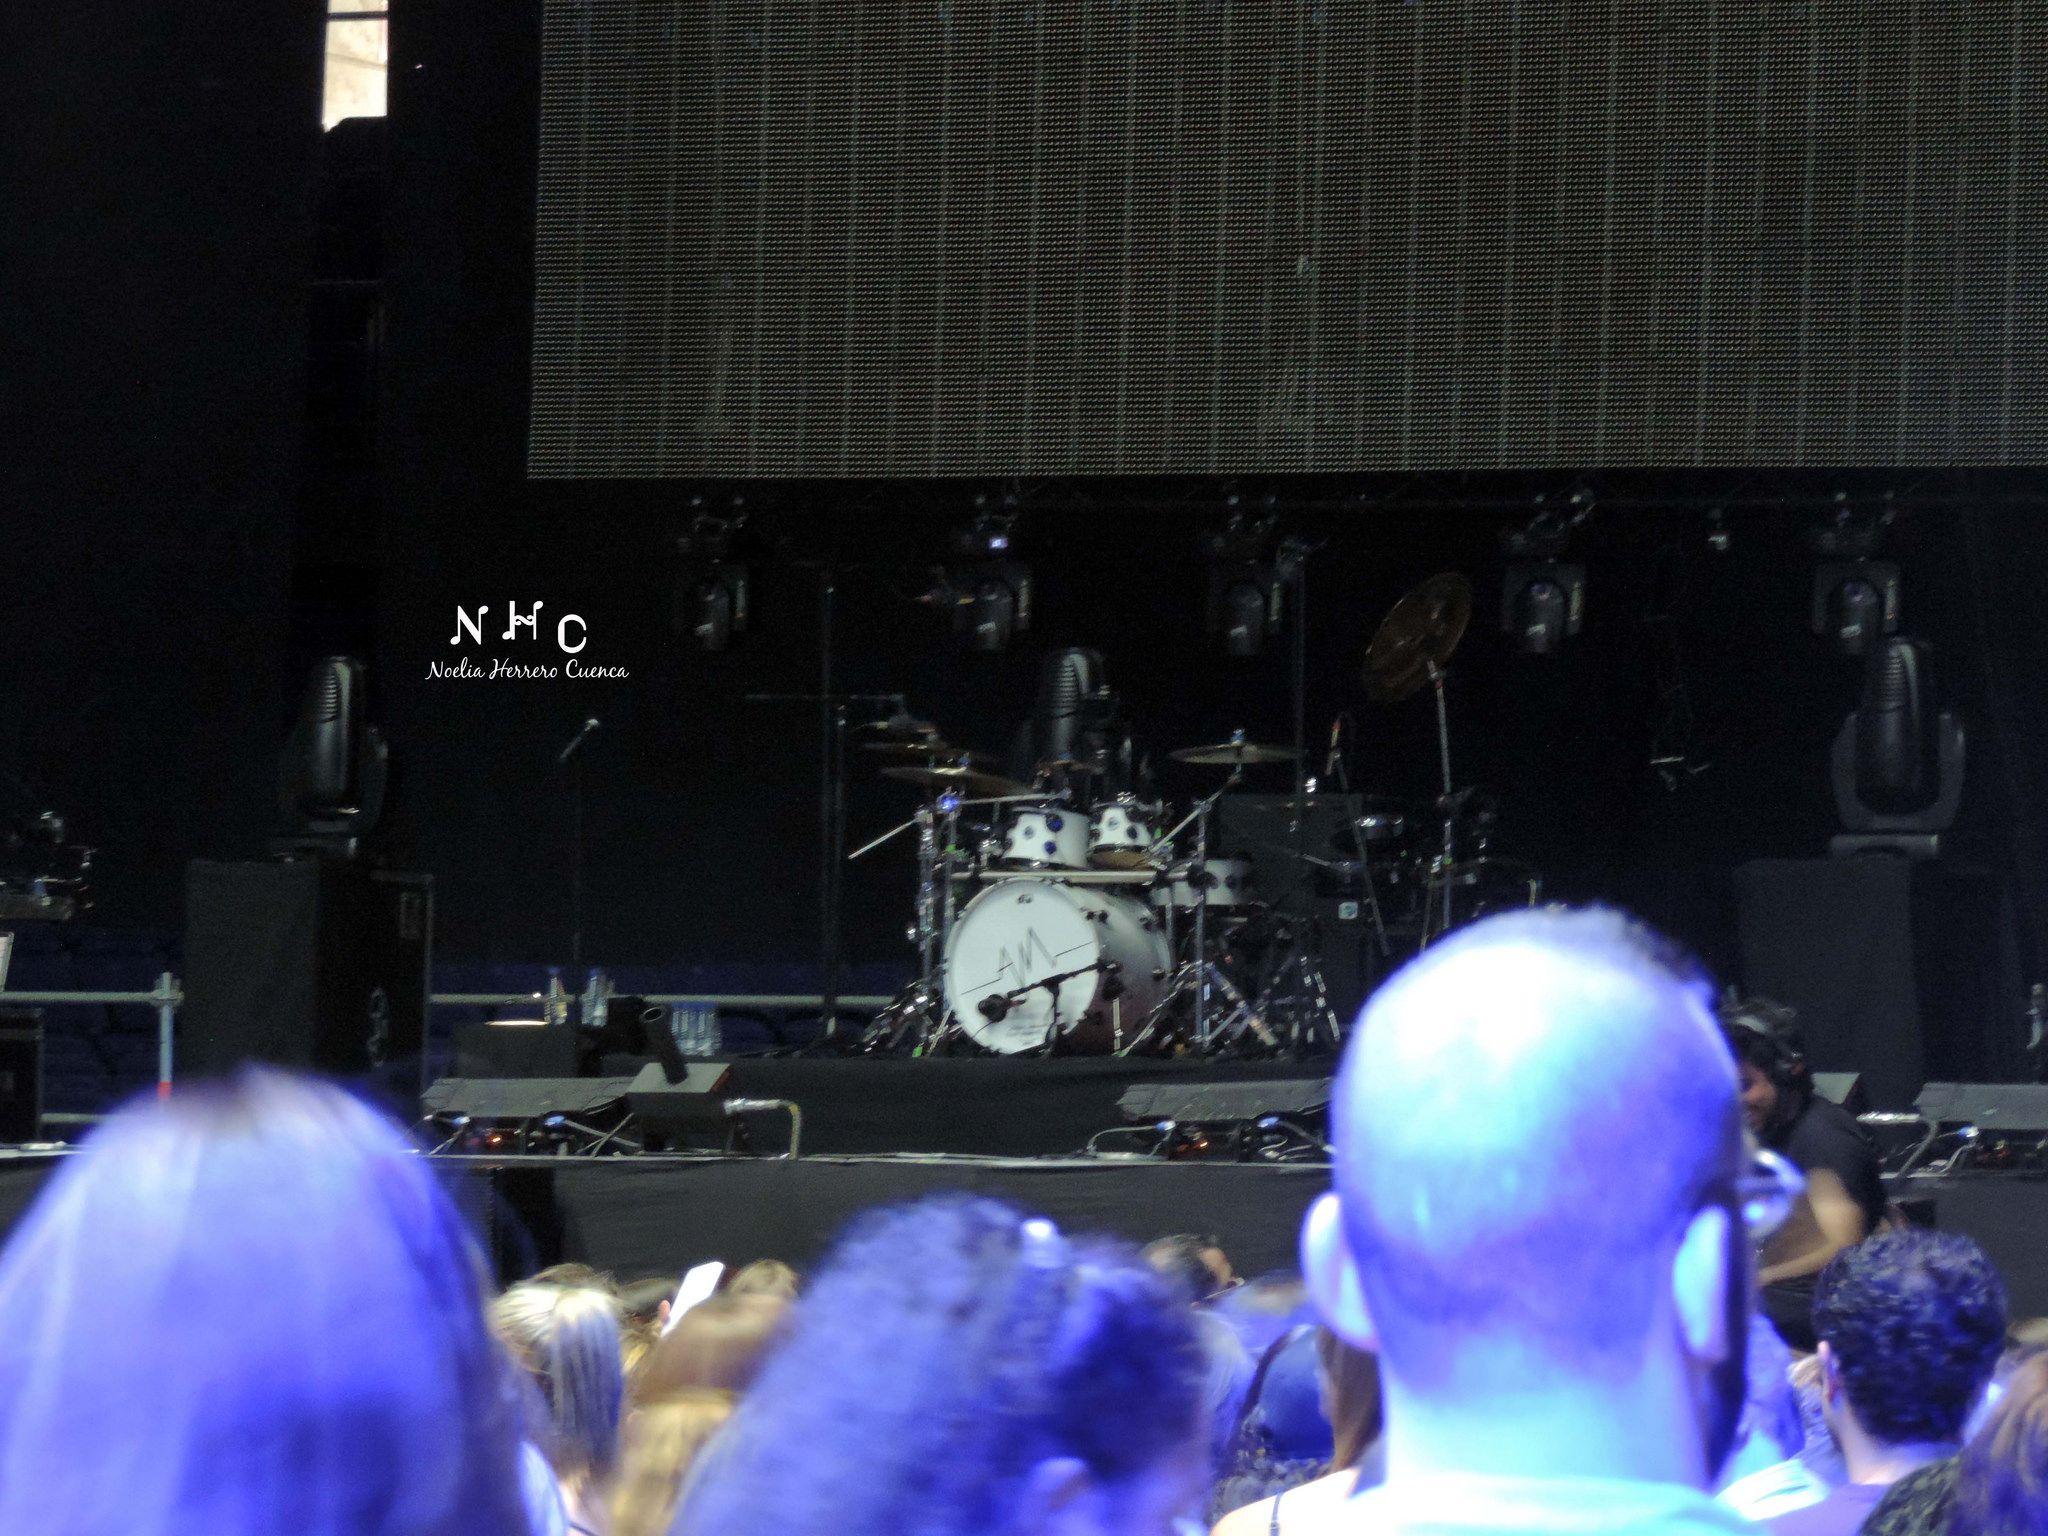 https://flic.kr/s/aHskfFHAYD   Abraham Mateo 30-6-2015   Fotos Del Concierto que Ofreció, el cantante Abraham Mateo en el Palacio de los Deportes de Madrid el 30 de junio de 2015, y el cual fue grabado para editarse en DVD